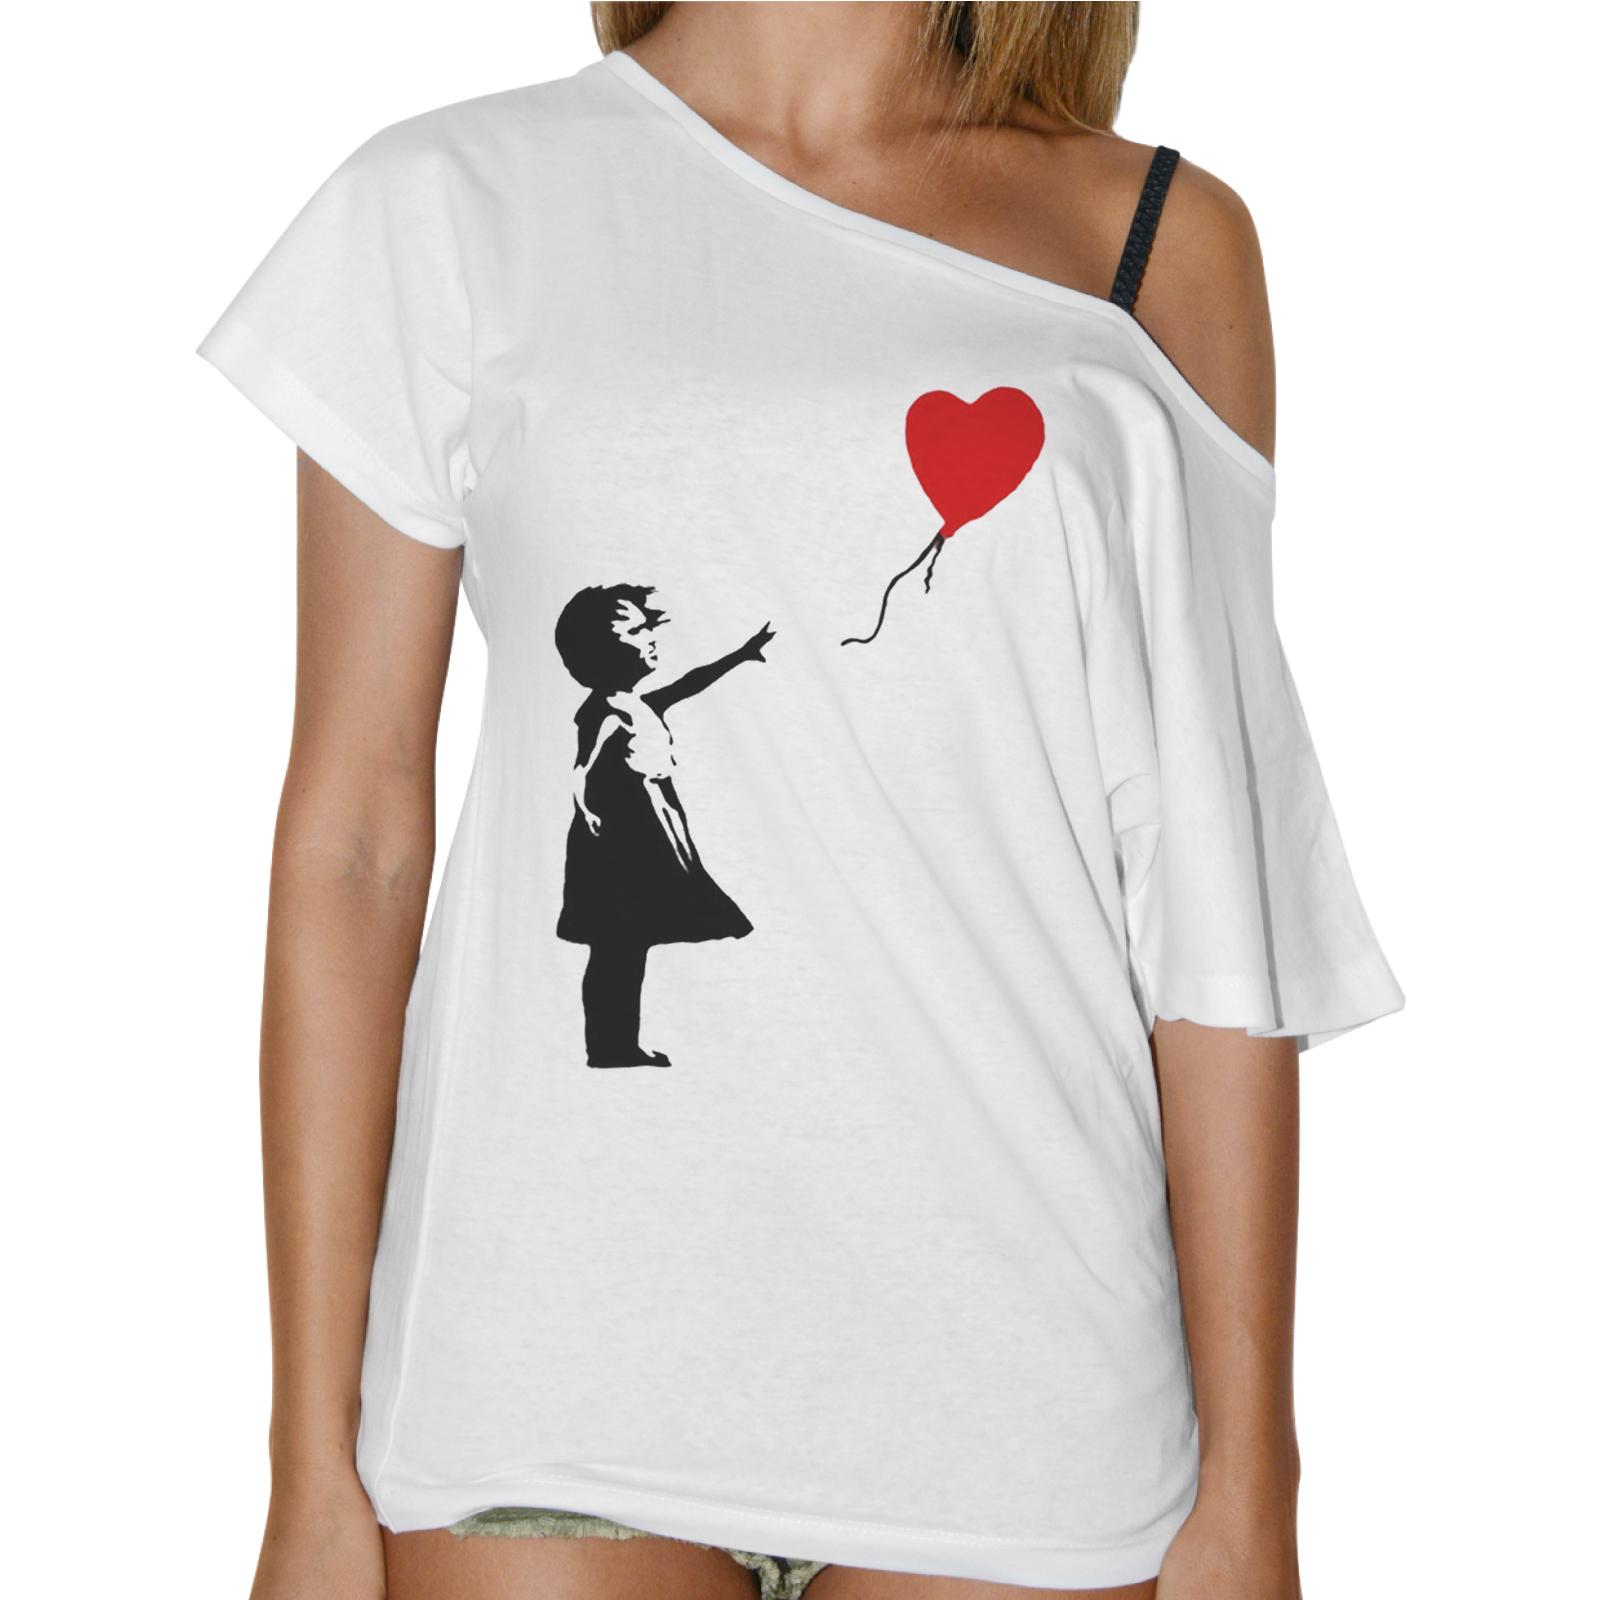 T-Shirt Donna Collo Barca PALLONCINO CUORE